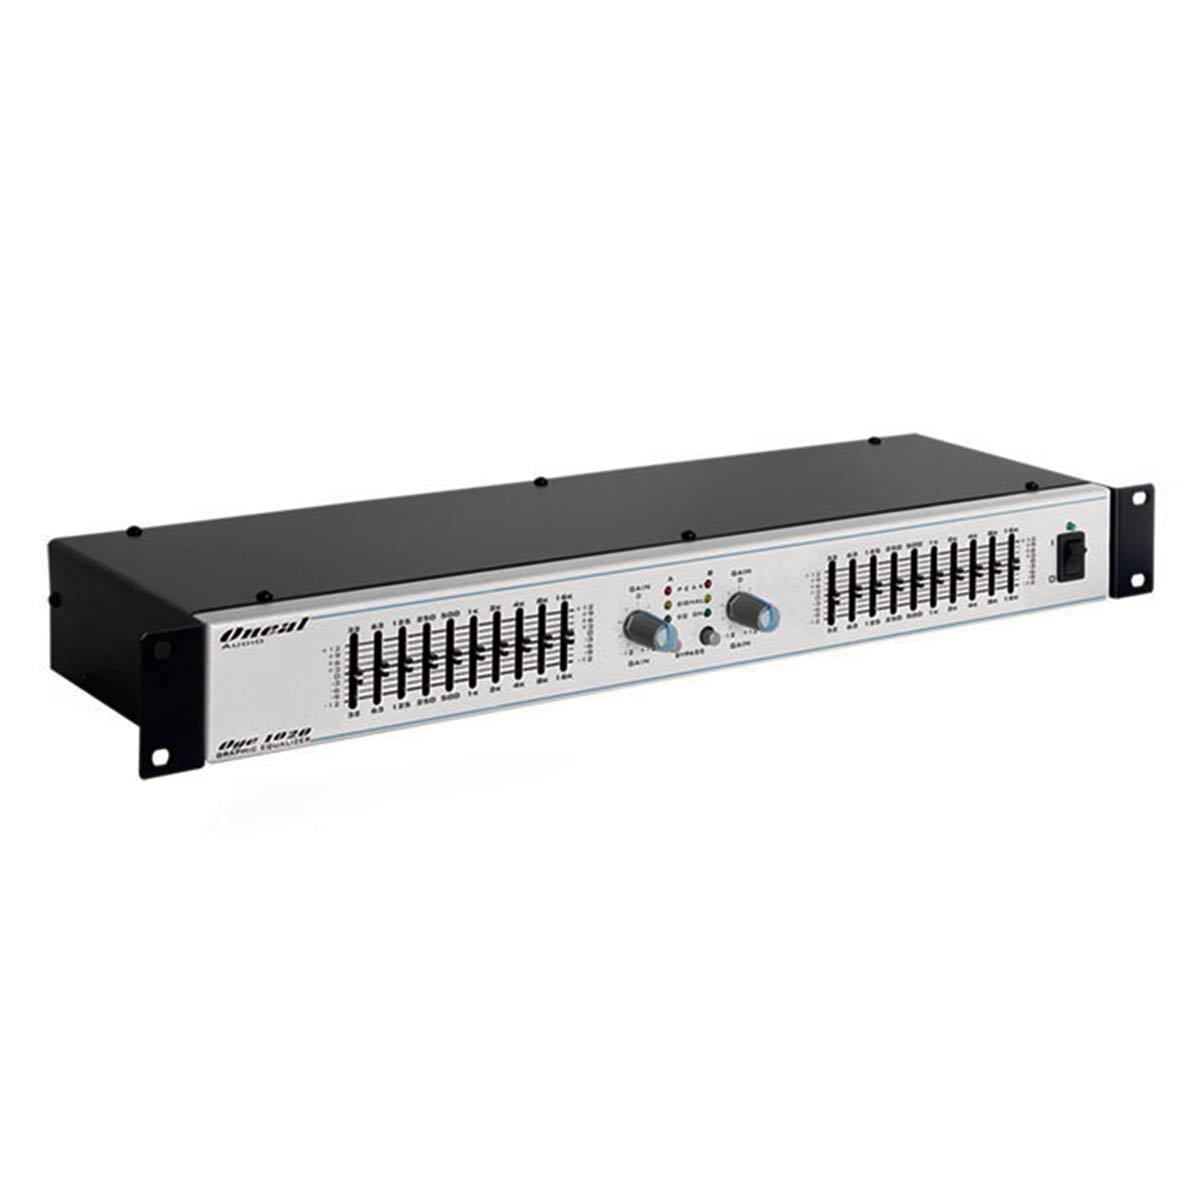 OGE1020 - Equalizador Gr�fico 10 Bandas OGE 1020 - Oneal